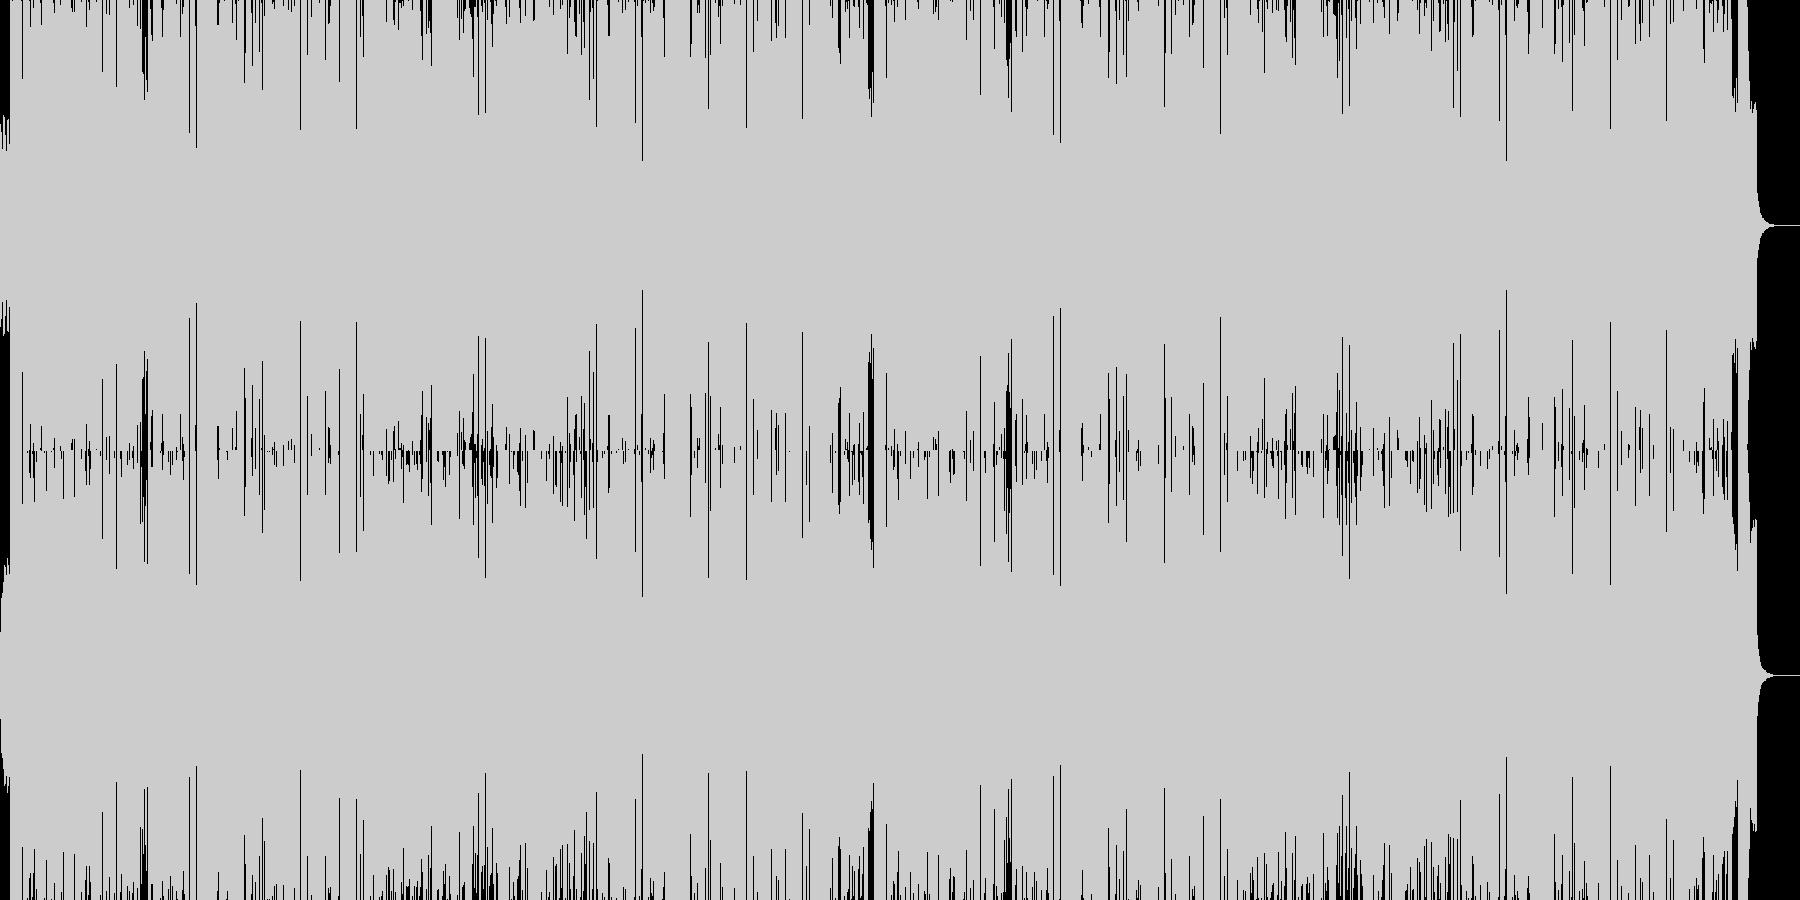 夜の高速のようなベースのきいたBGMの未再生の波形